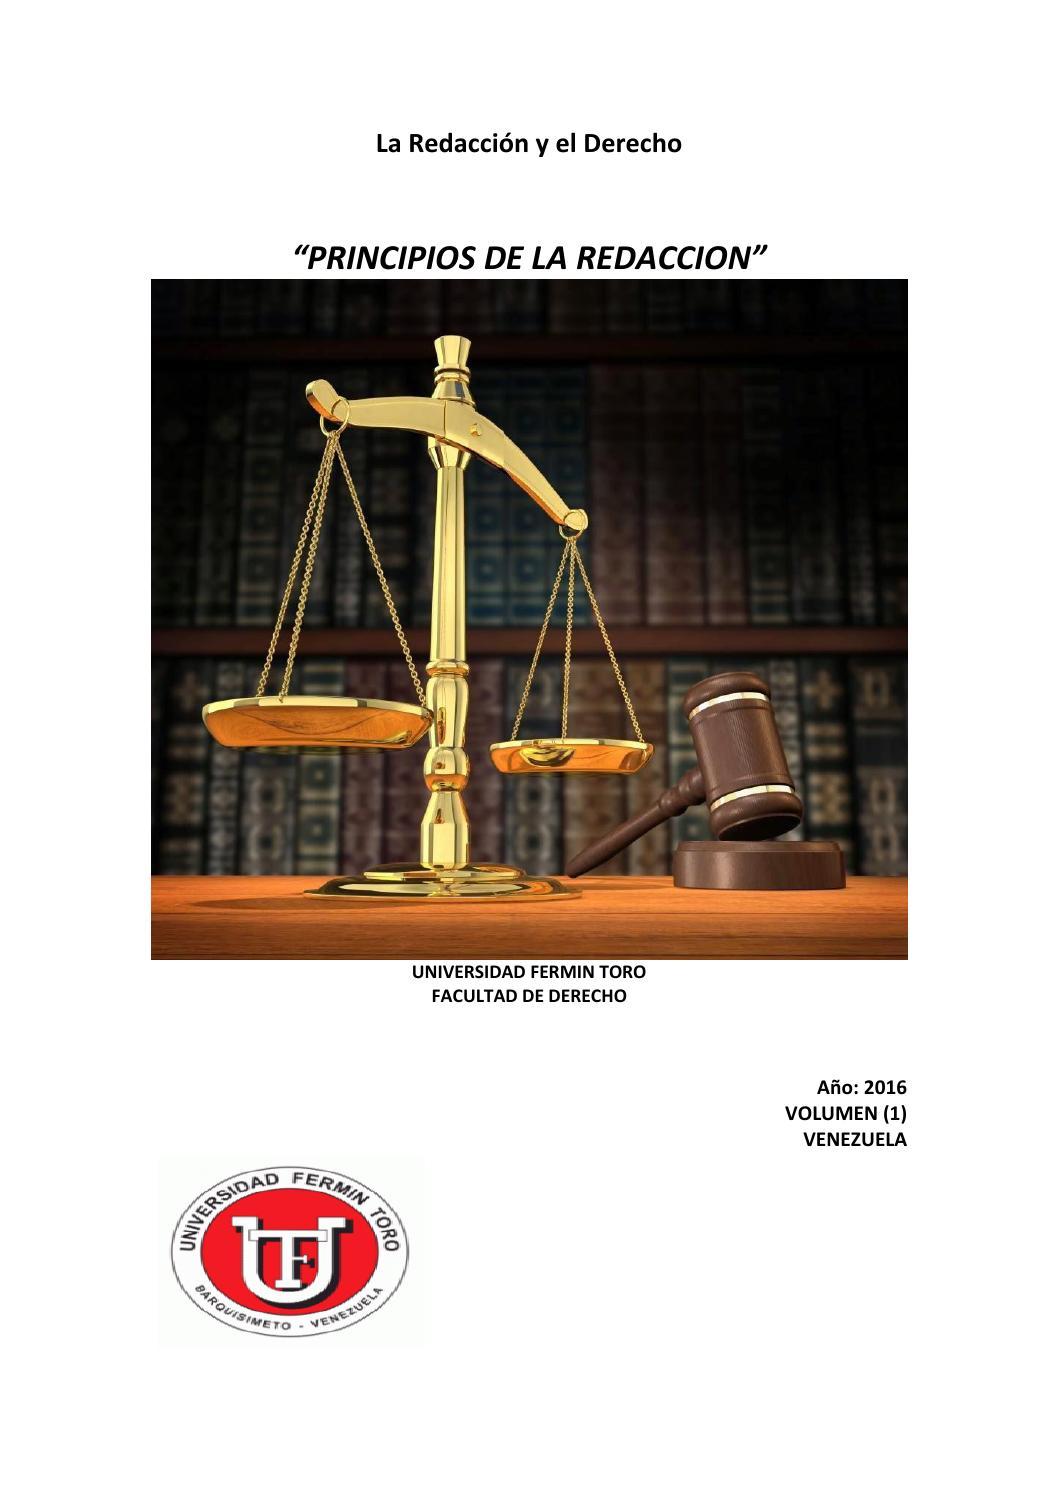 La Redacción y el Derecho by Vanesa Carolina Mendoza Lopez - issuu